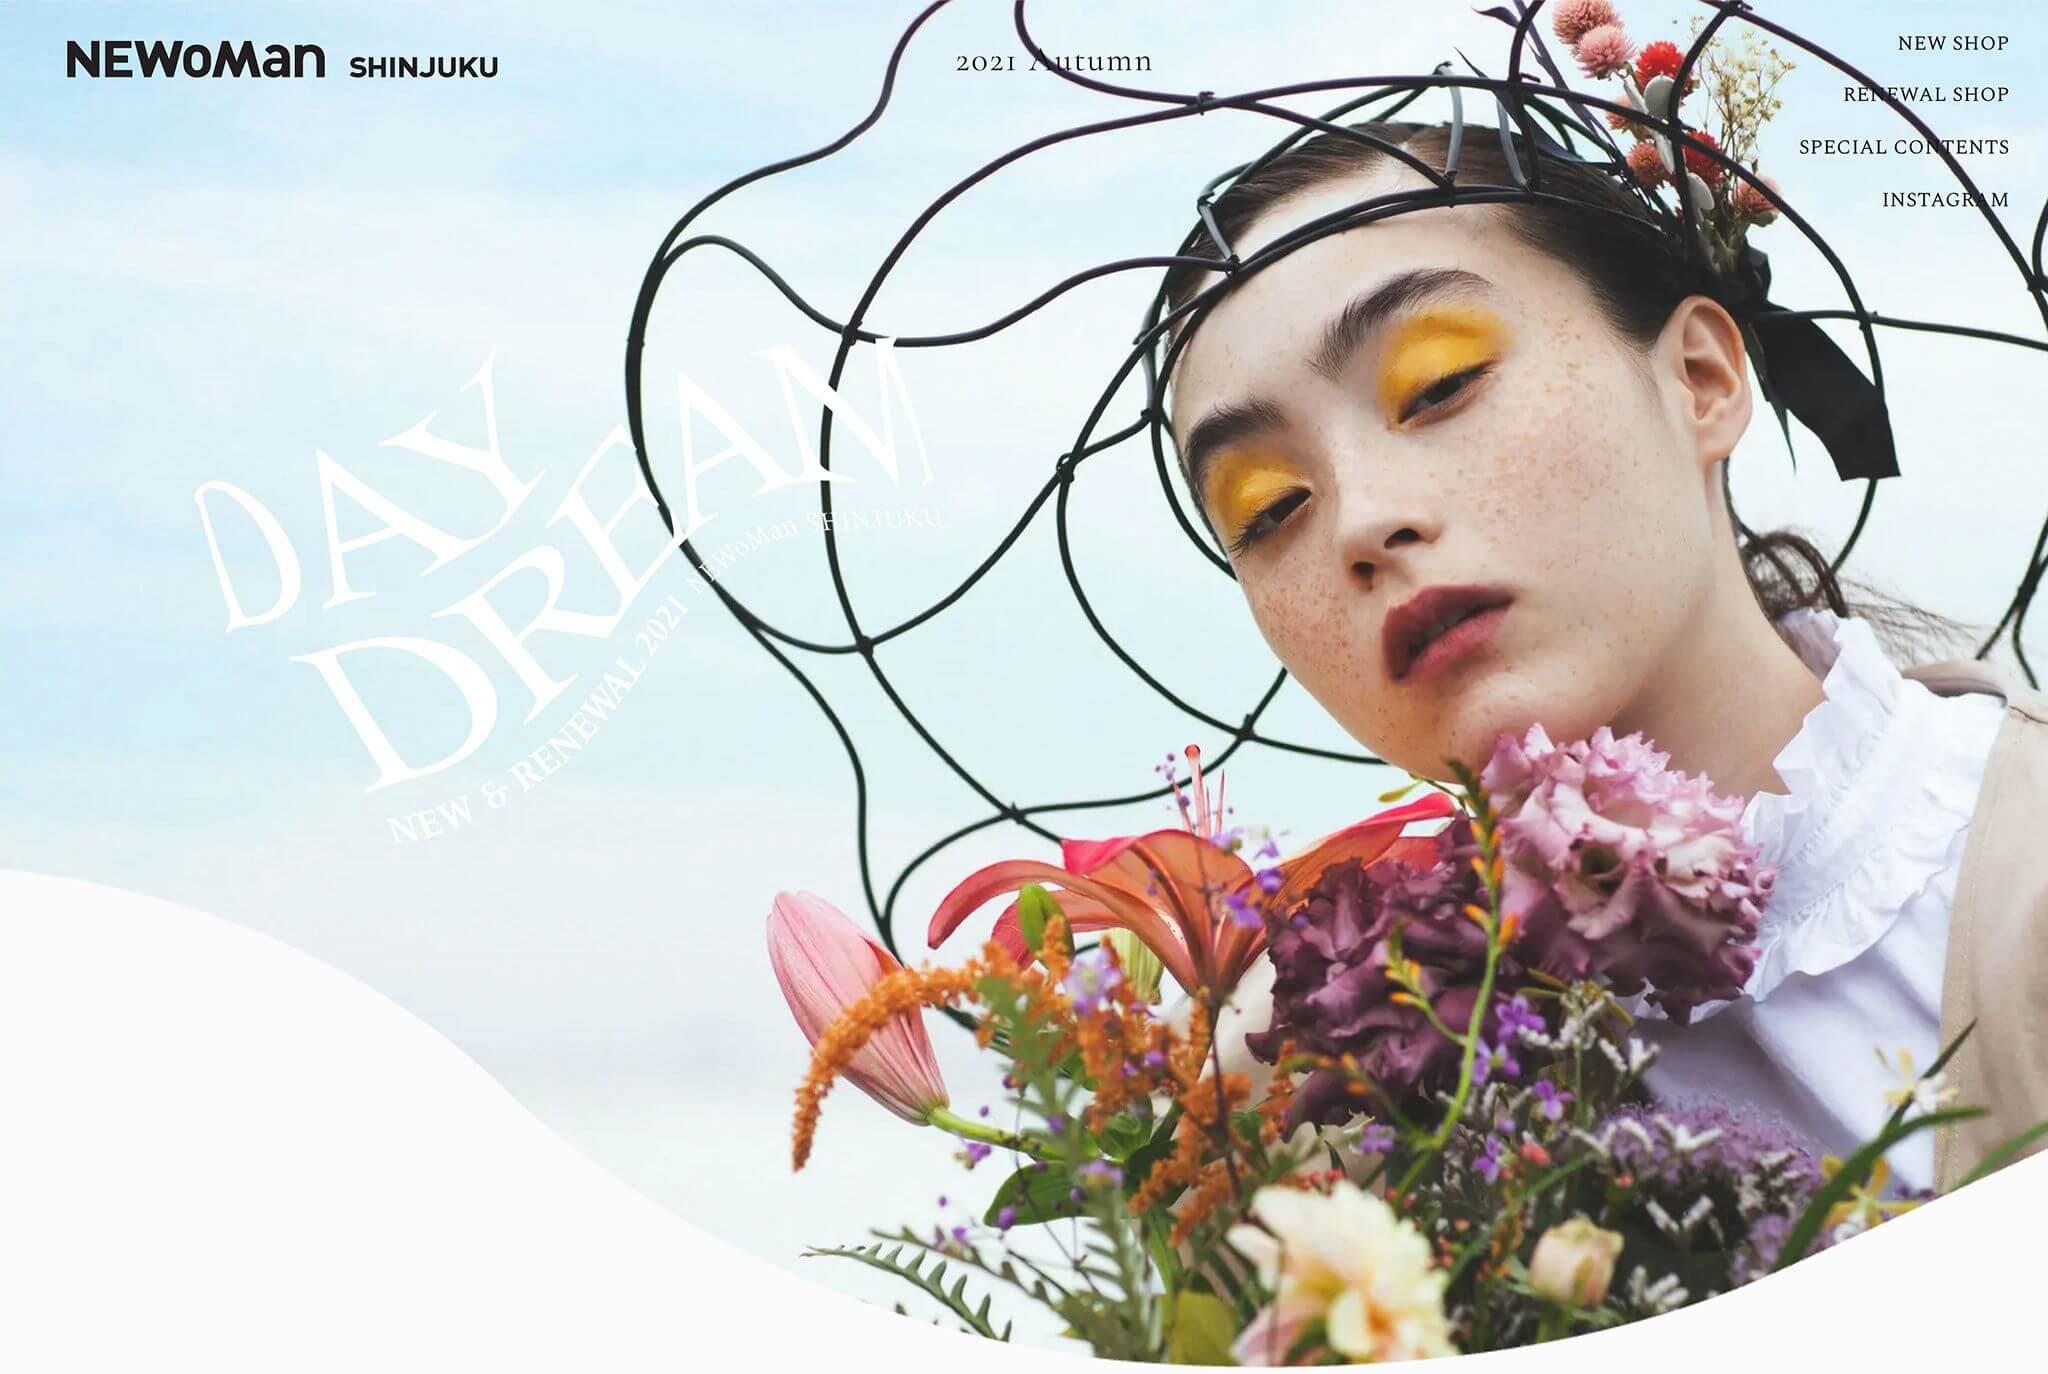 【制作実績】NEWoMan SHINJUKU 秋のキャンペーンサイトを制作しました。